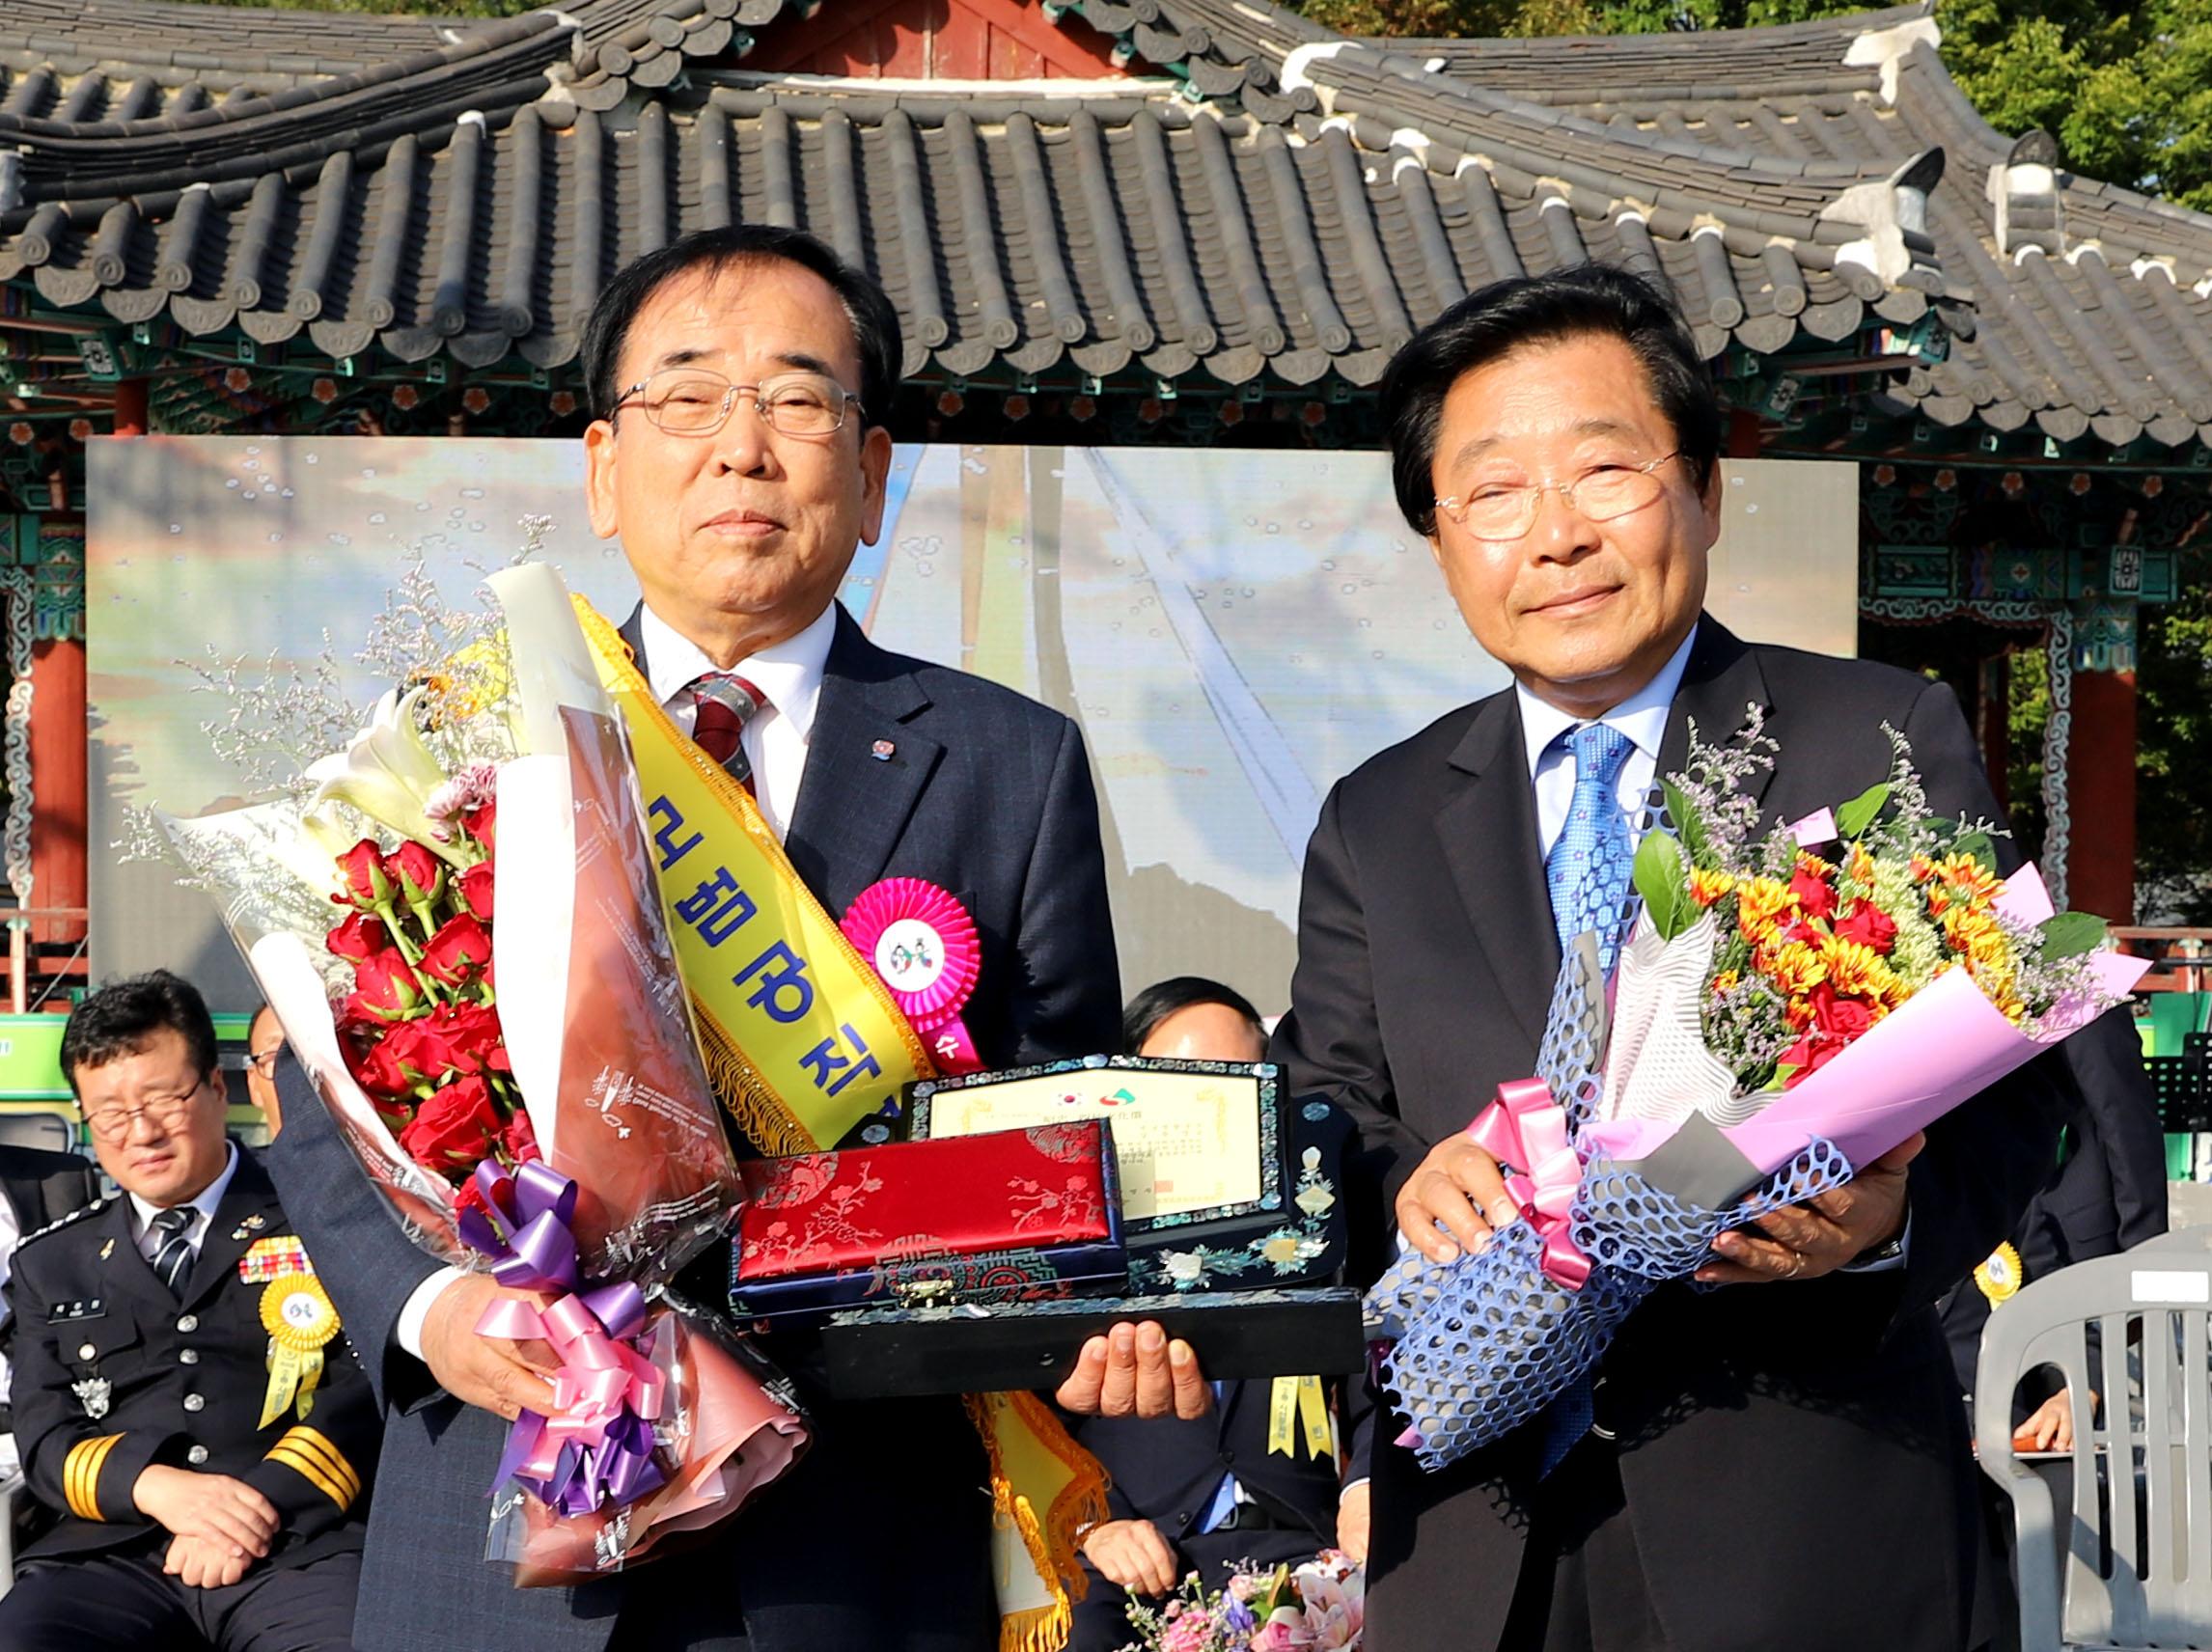 김준성 영광군수, 「제27회 소충·사선문화상」수상